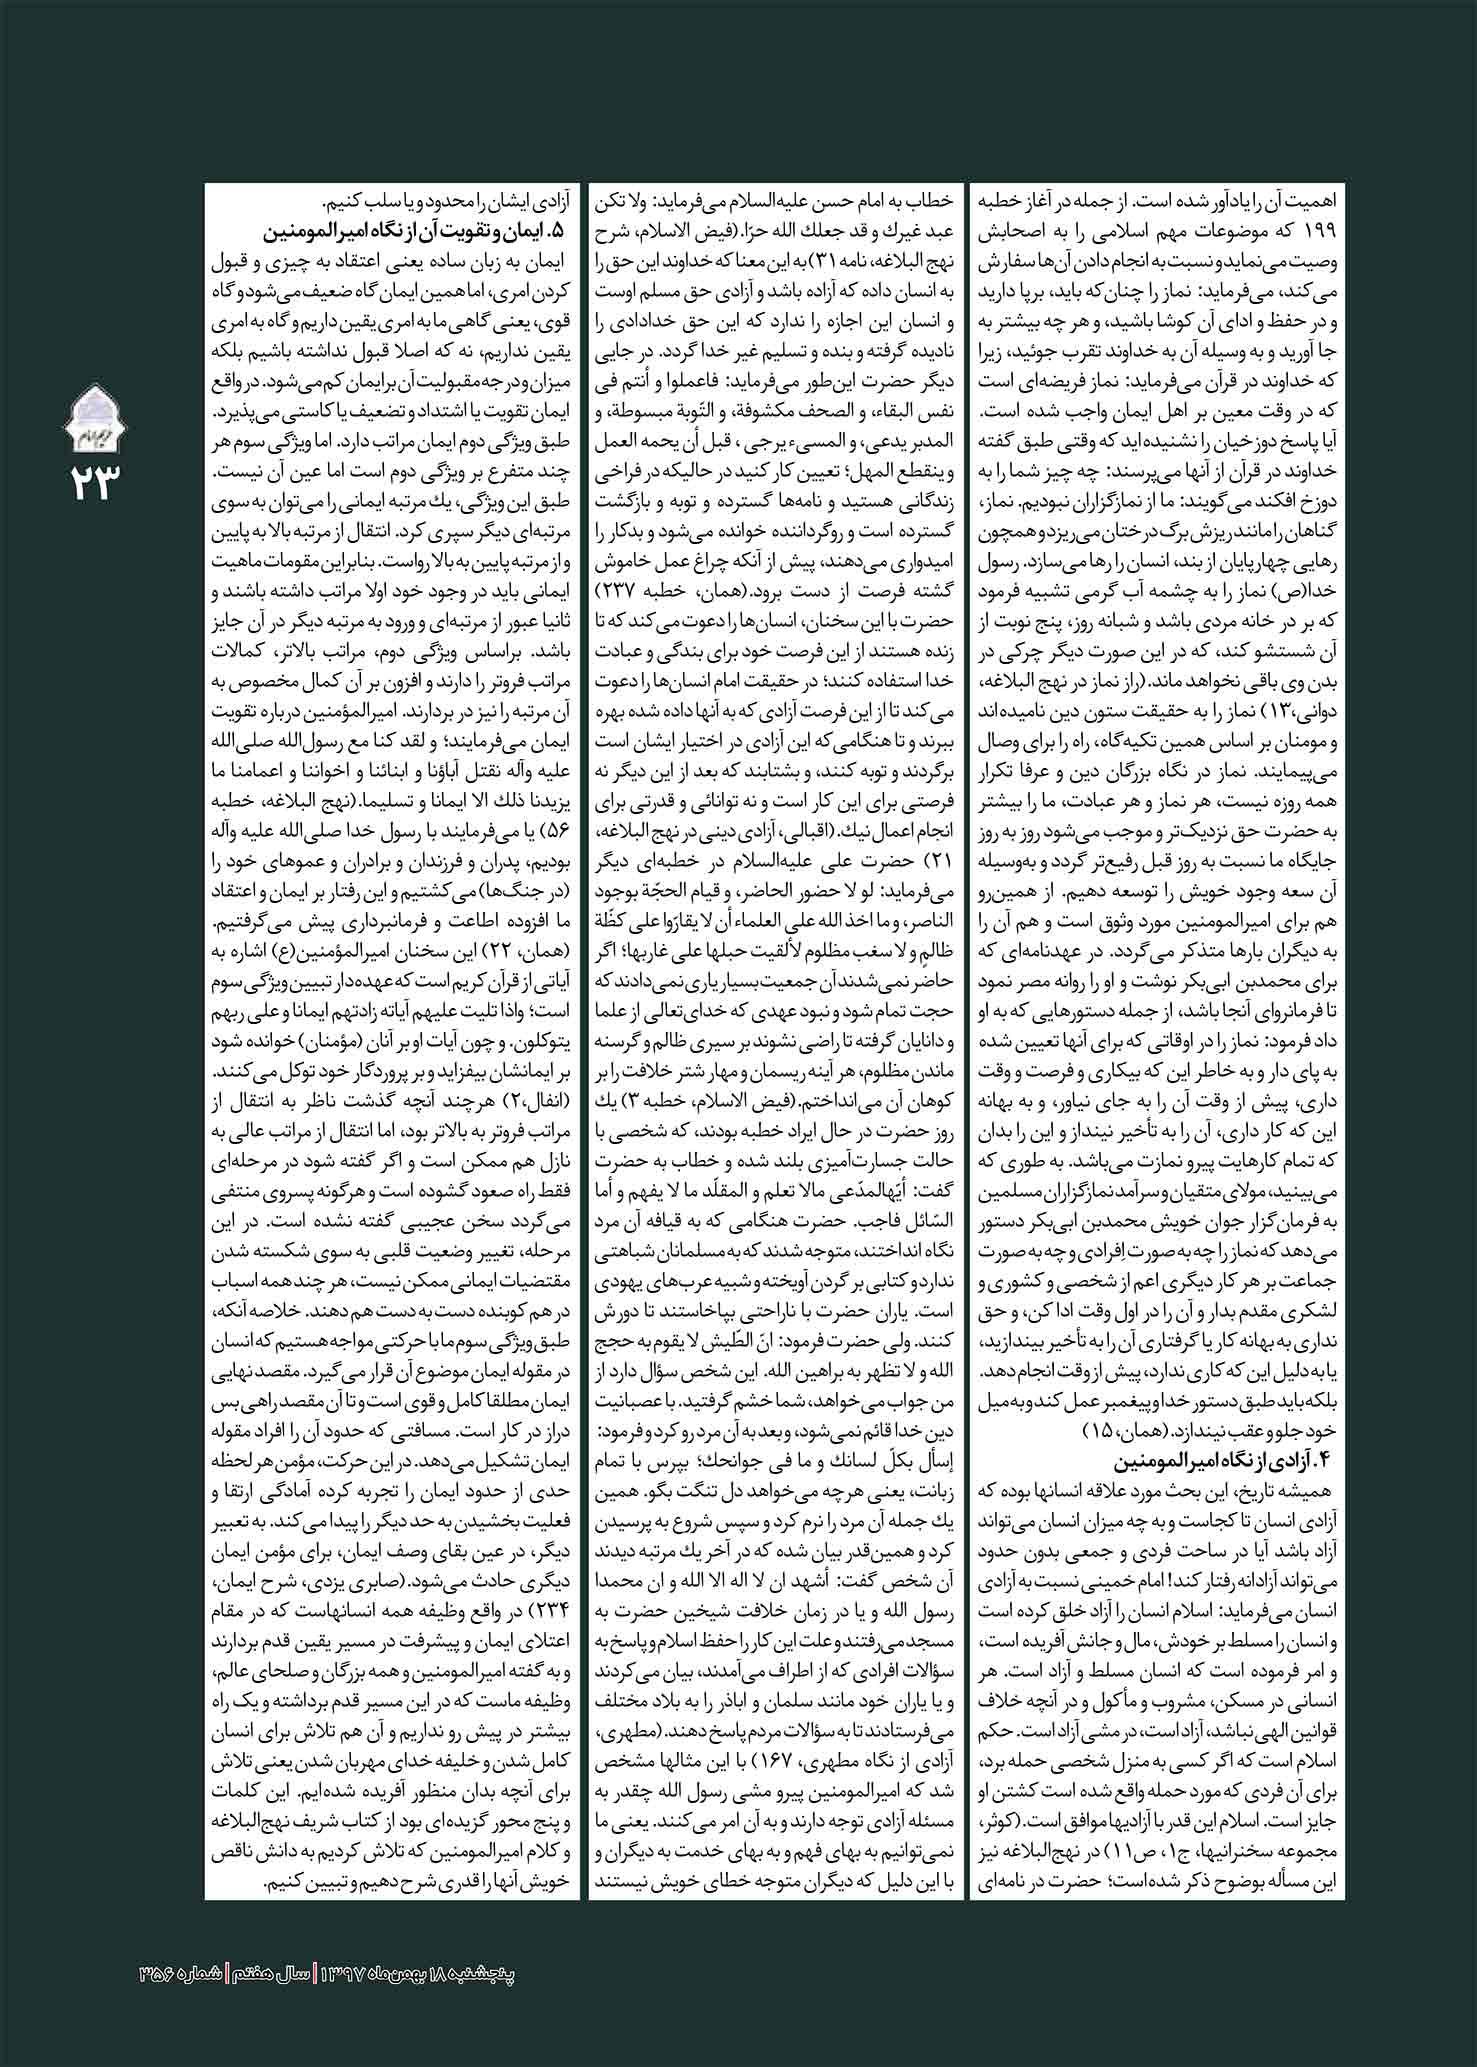 D:\خلوجینی\New folder\@harim_emam356-23.jpg